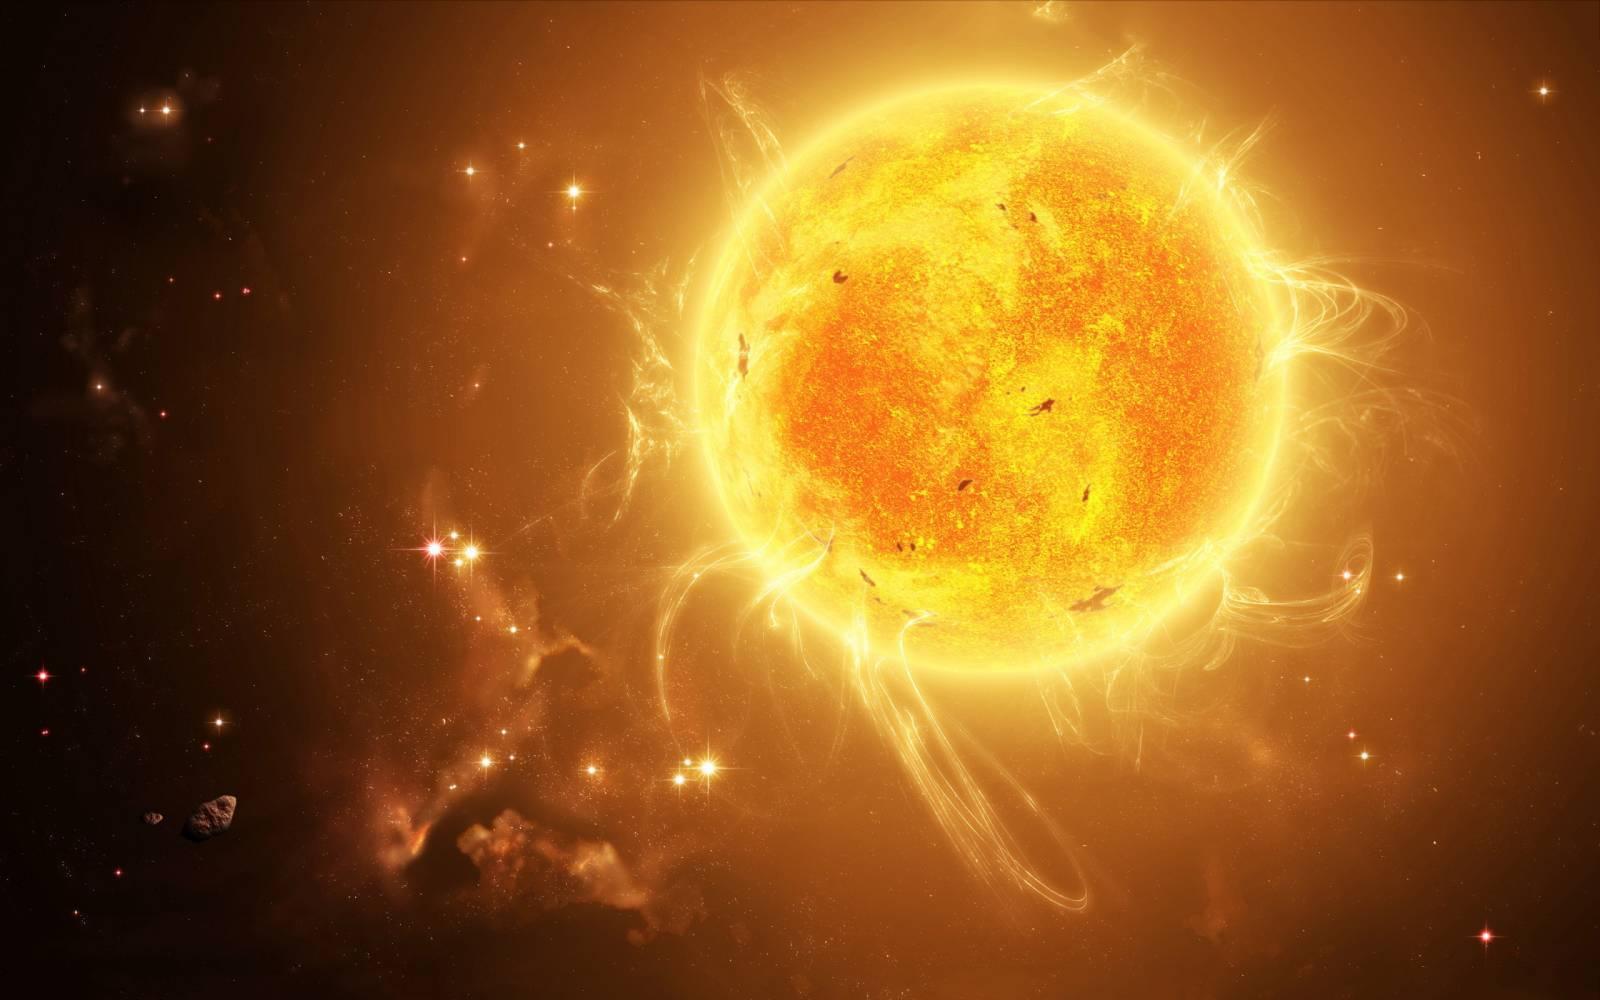 Soarele activitate